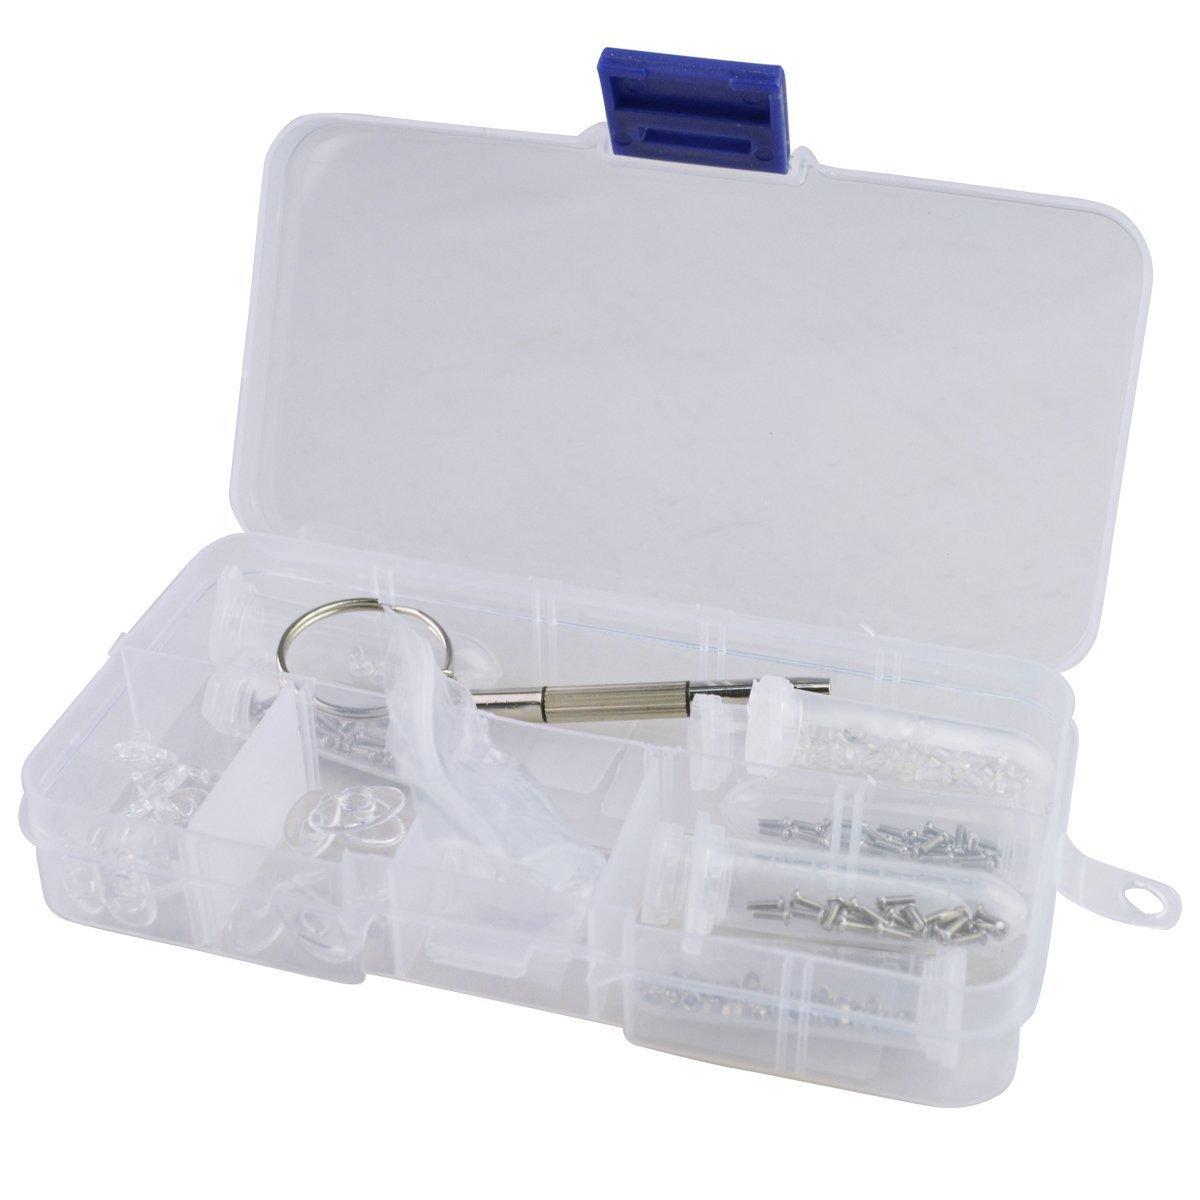 TRIXES Kit de Reparación de Lentes Gafas de Sol Almohadilla de Nariz, Tornillos Tuercas Arandelas